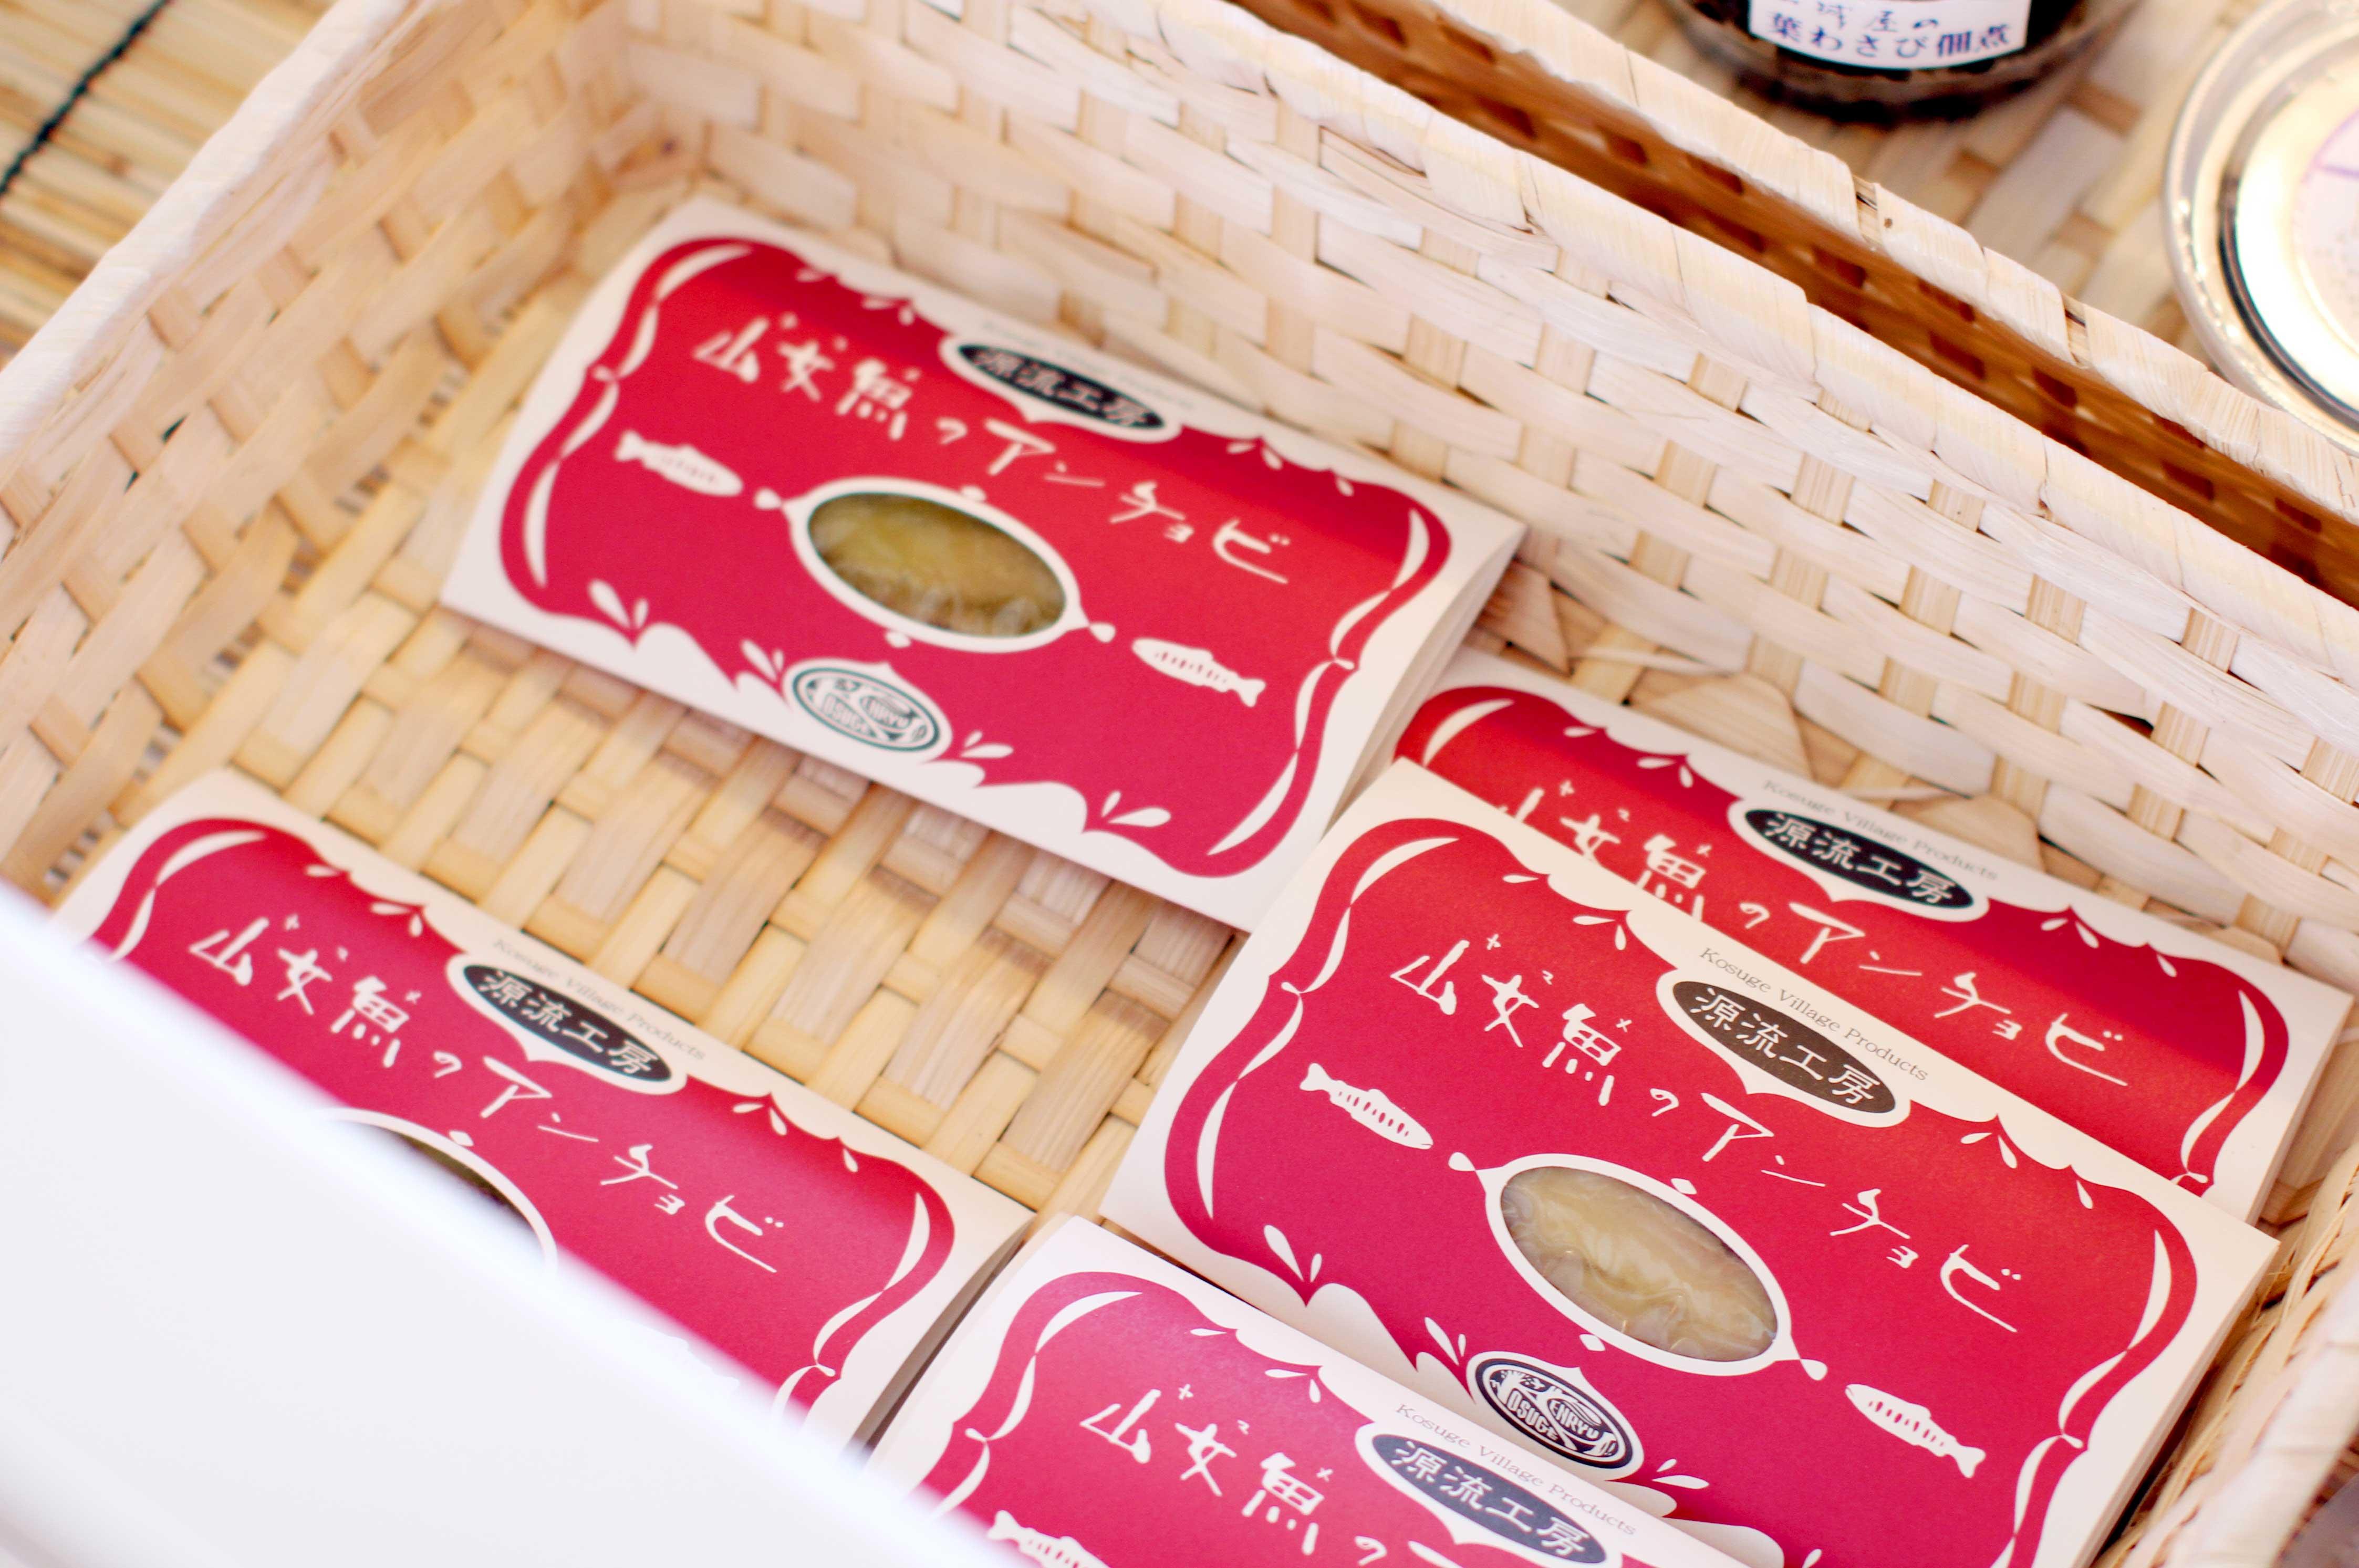 日本一の山女魚で作る、世界に誇る「山女魚のアンチョビ」